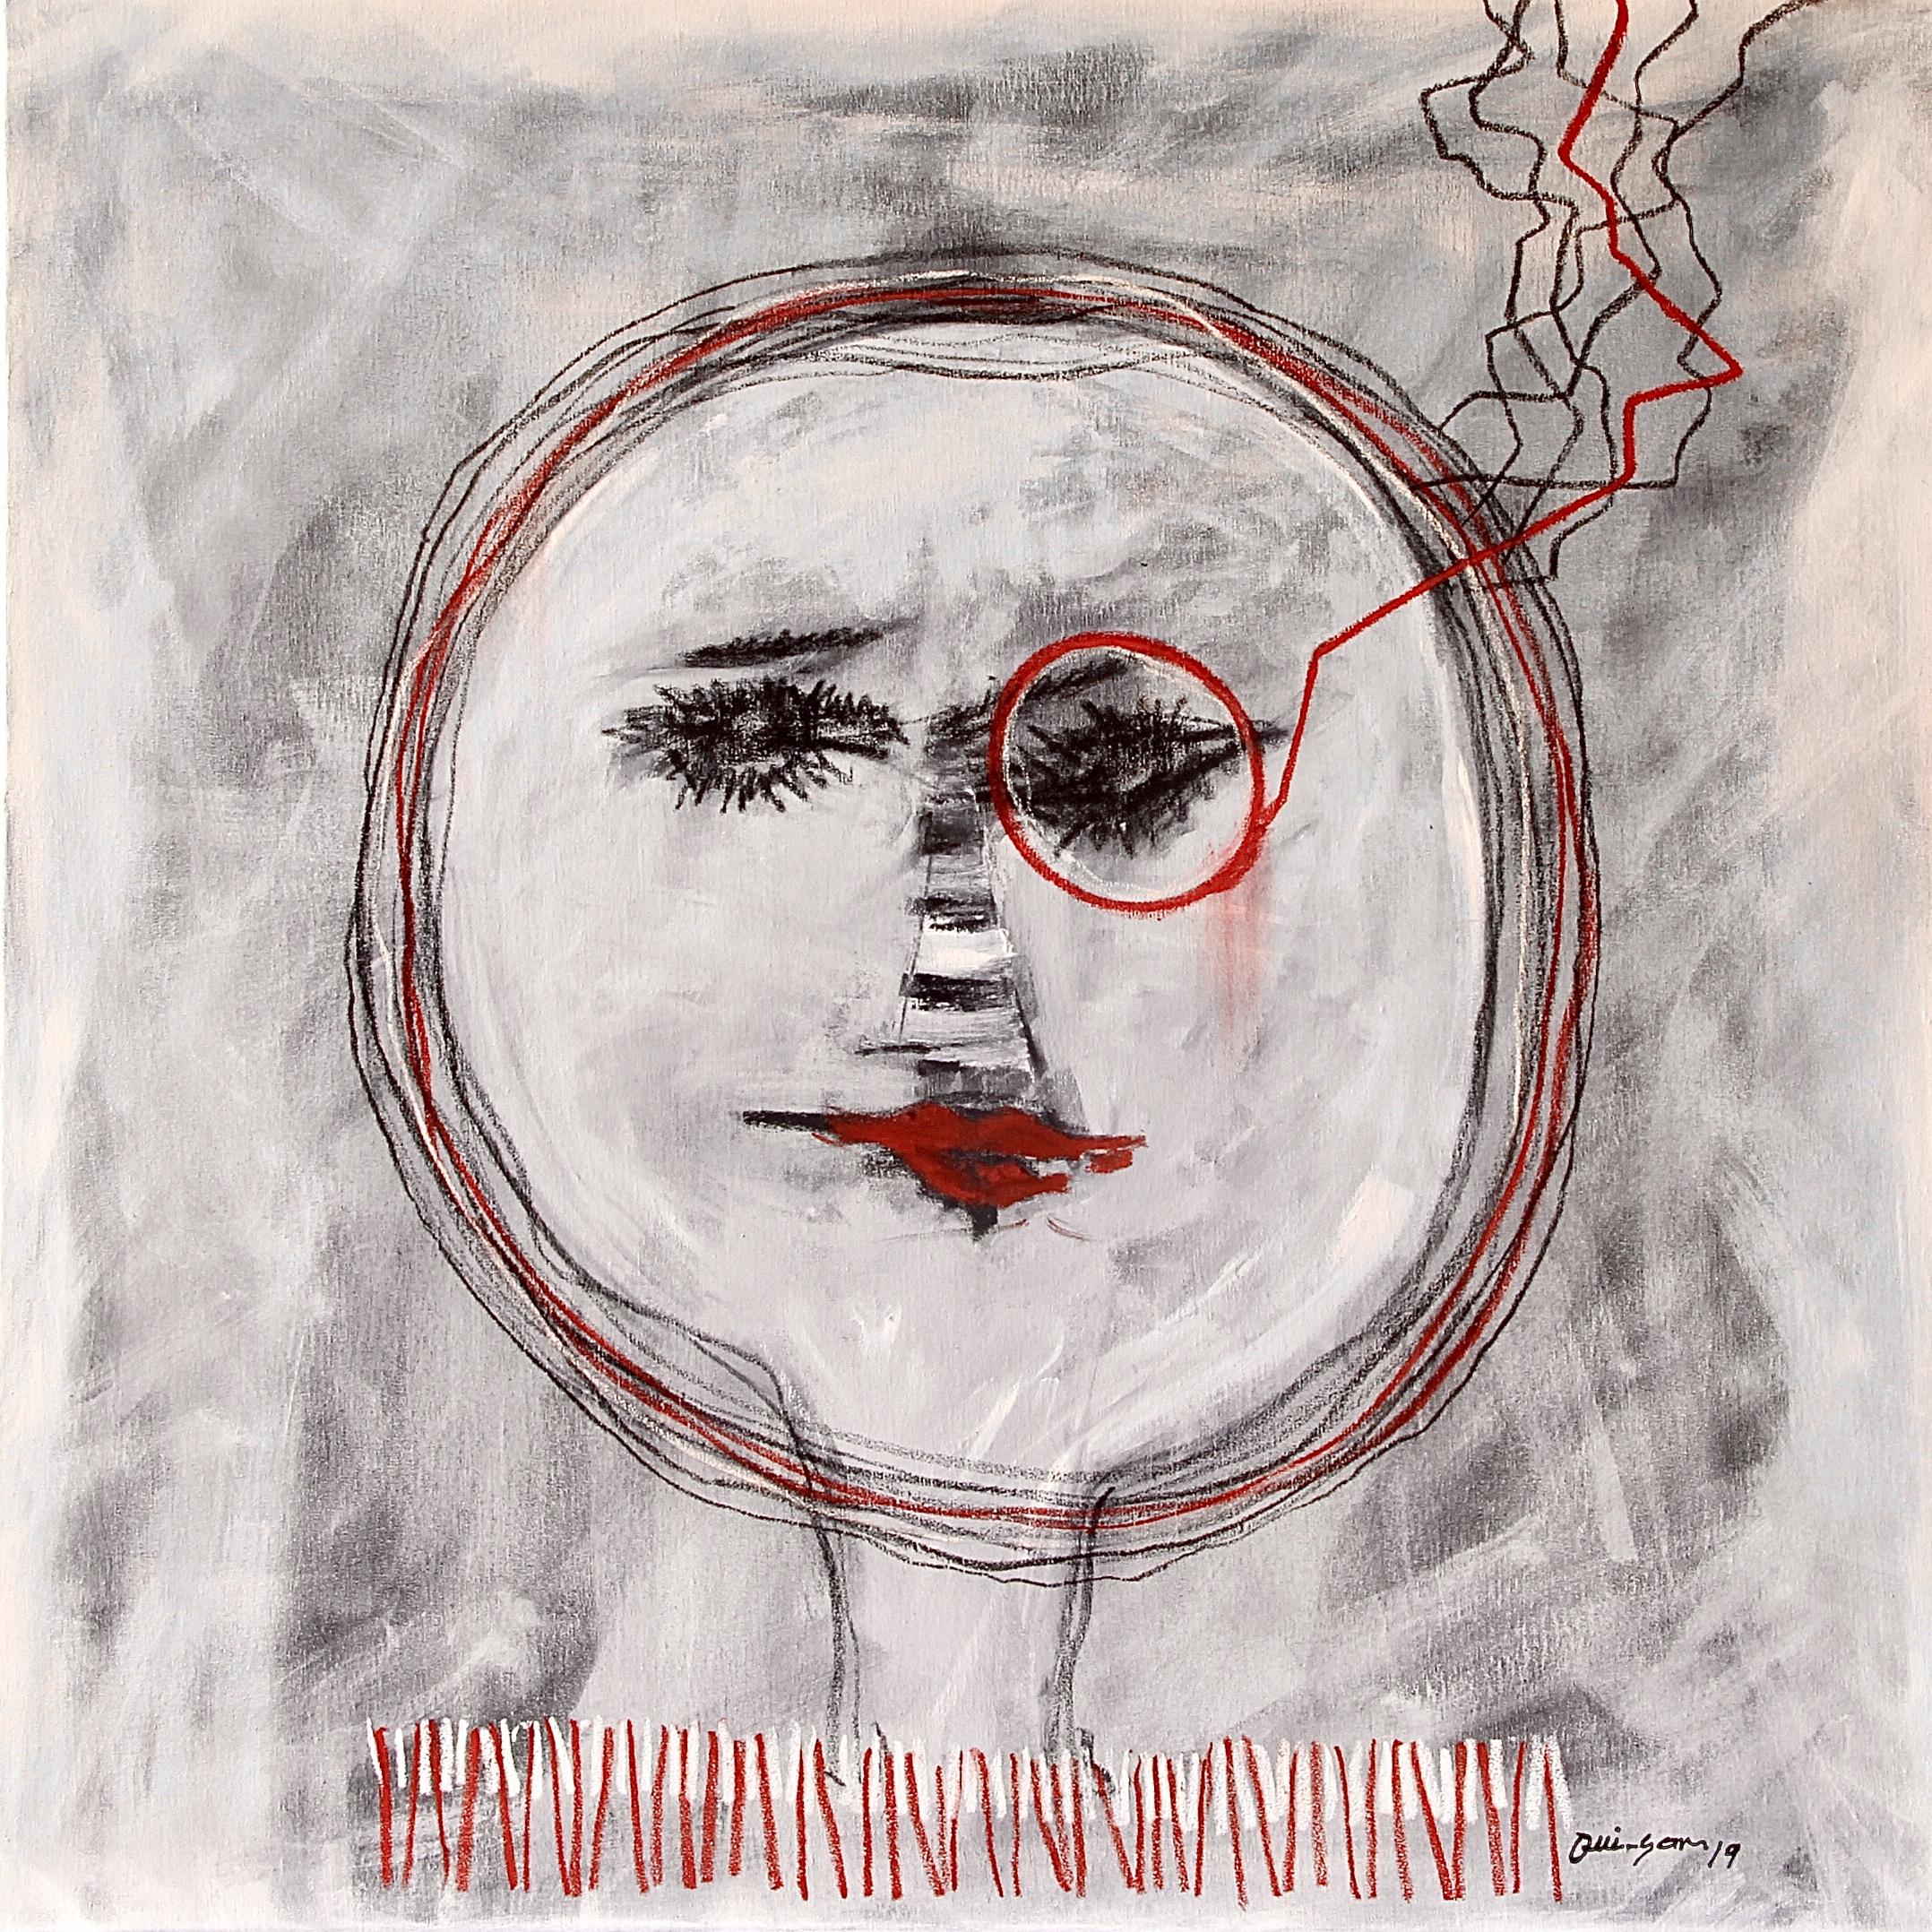 Rethinking Monalisa Painting